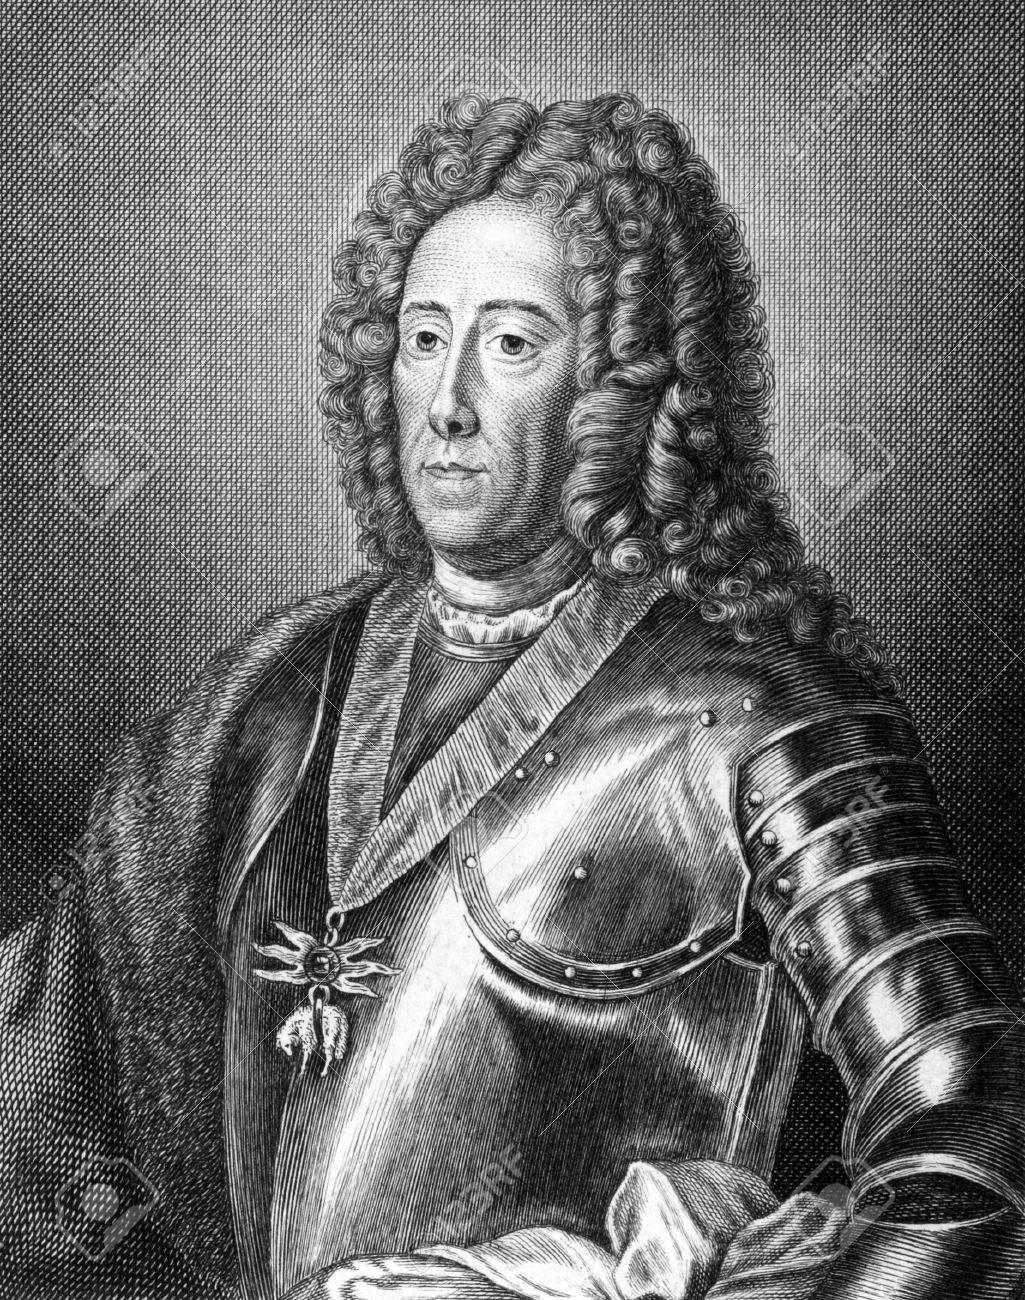 Eugen von Savoyen (1663-1736) on engraving from 1859. One of the